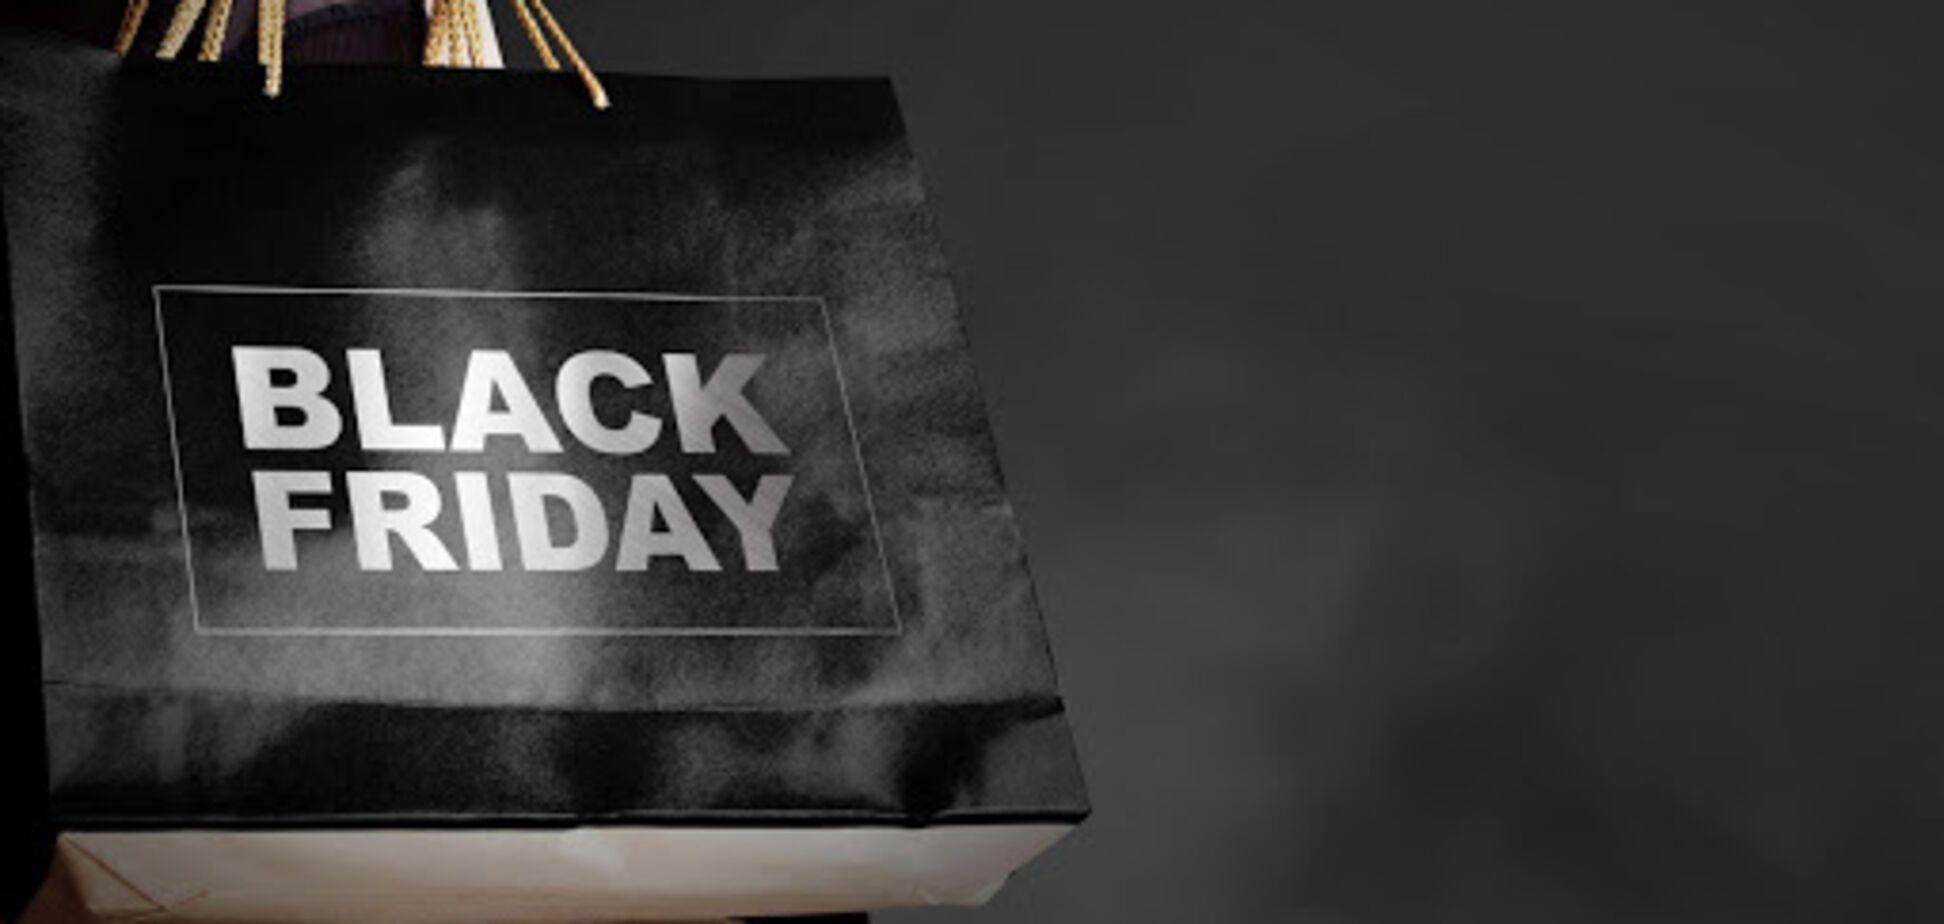 Черная пятница: все скидки отменяются